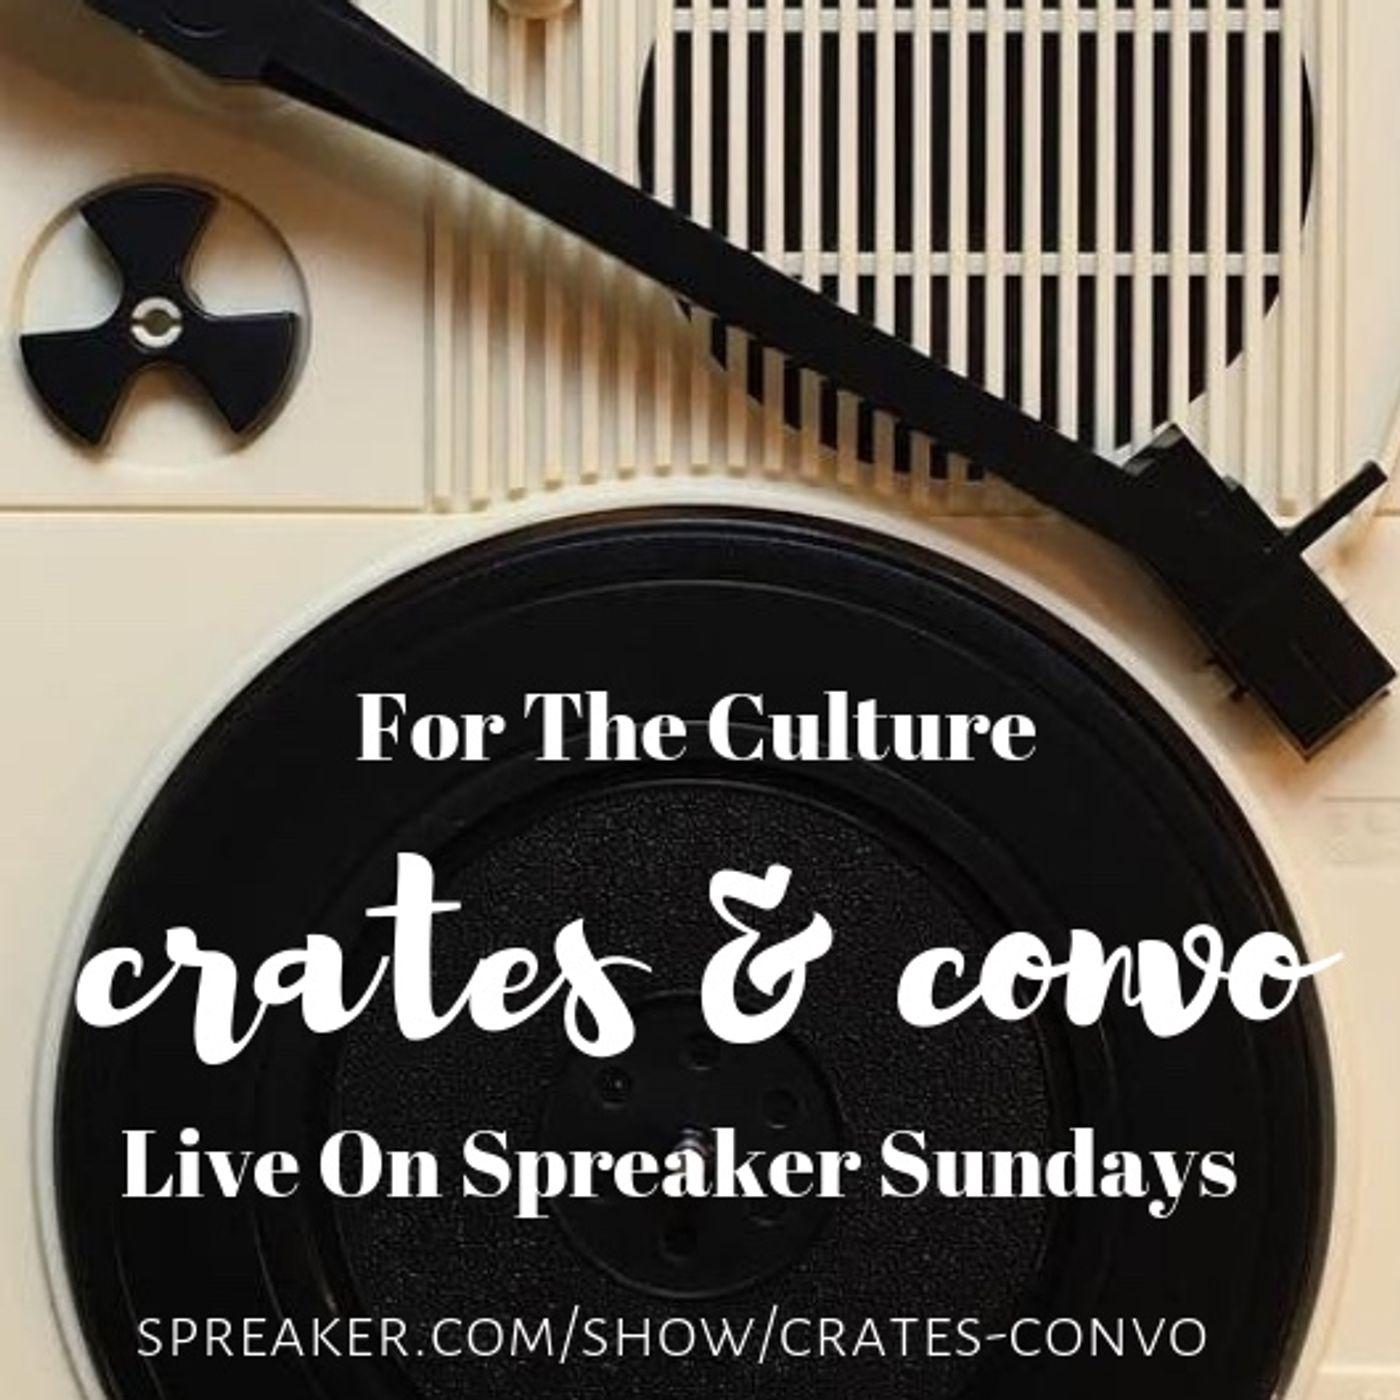 Episode 7 - Crates & Convo